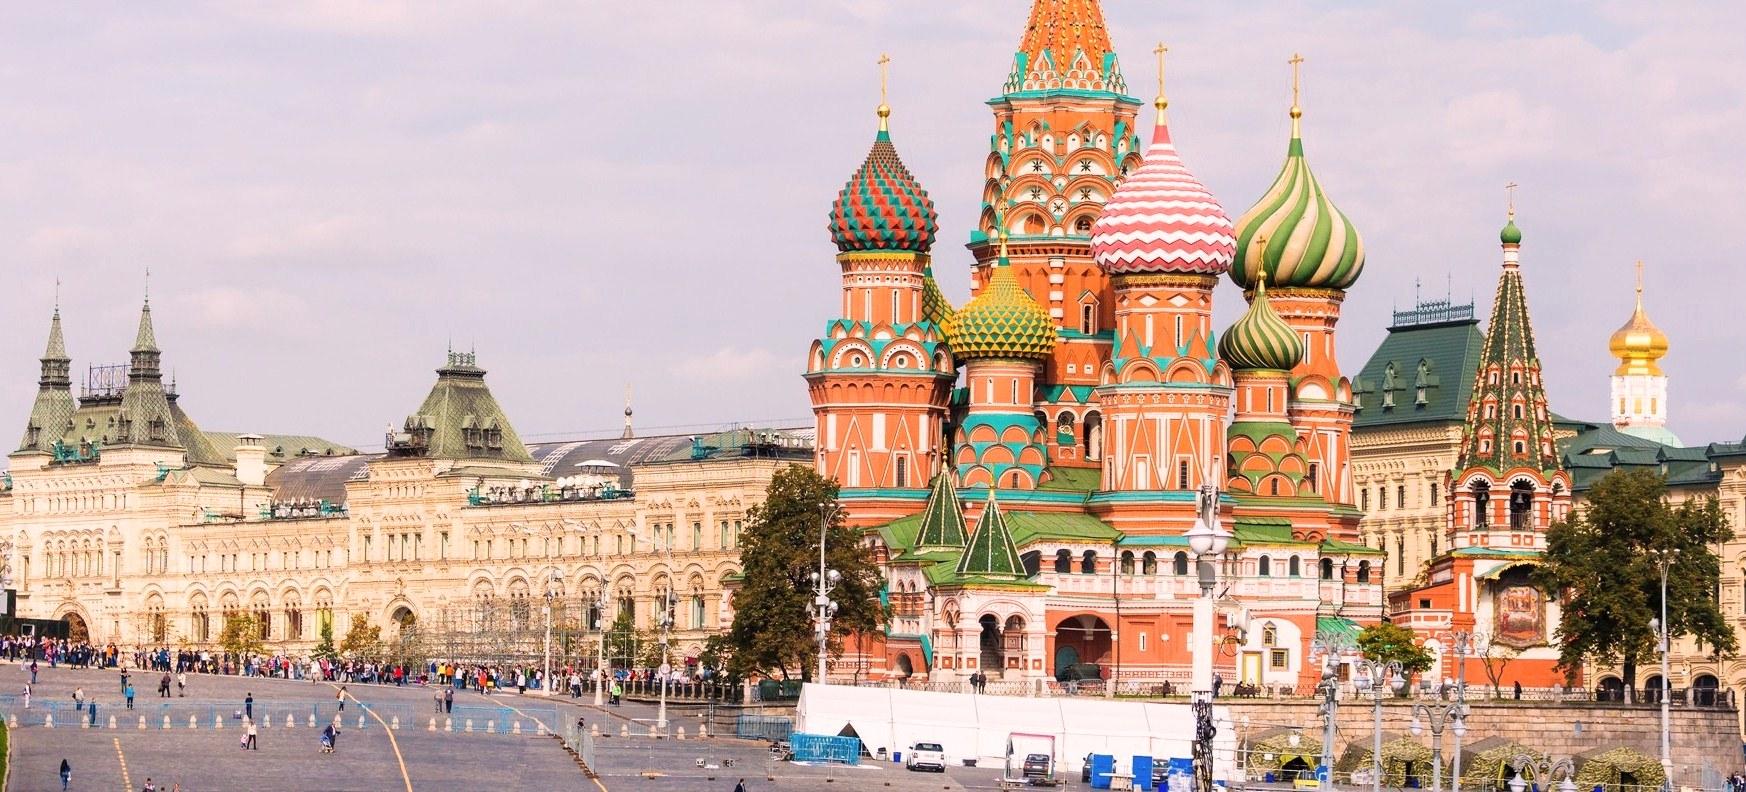 Du lịch Nga: Moscow – Saint Petesrburg 7 ngày